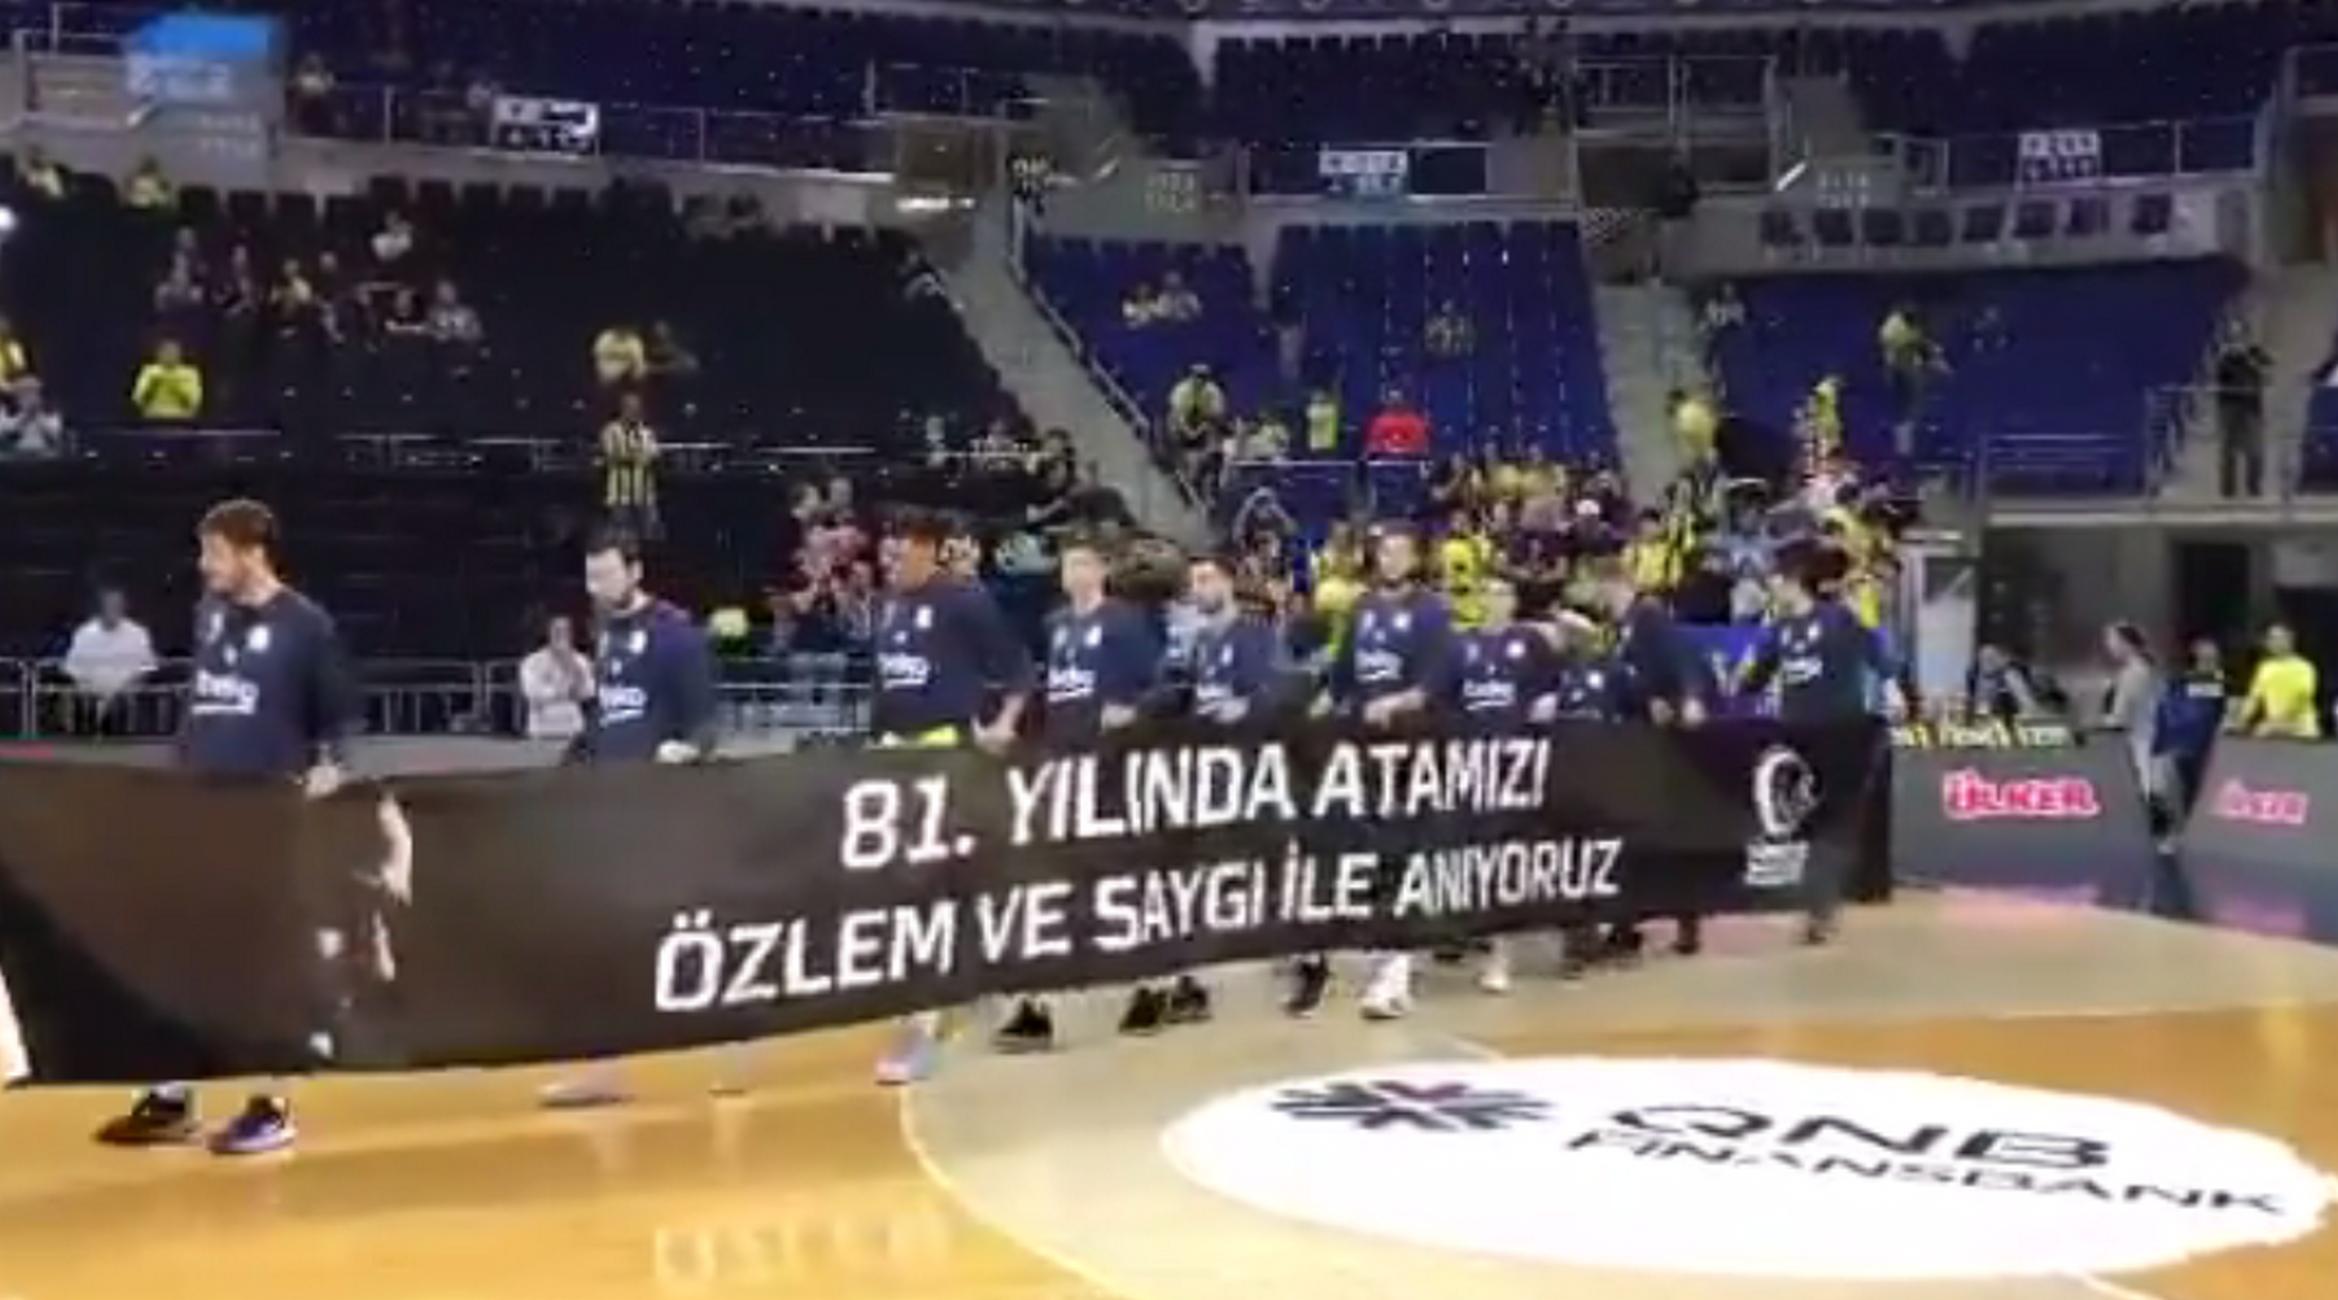 """Χαμός στην Τουρκία με Σλούκα! Αρνήθηκε να κρατήσει πανό για τον Κεμάλ και βρέθηκε στο """"στόχαστρο"""" των οπαδών - video"""